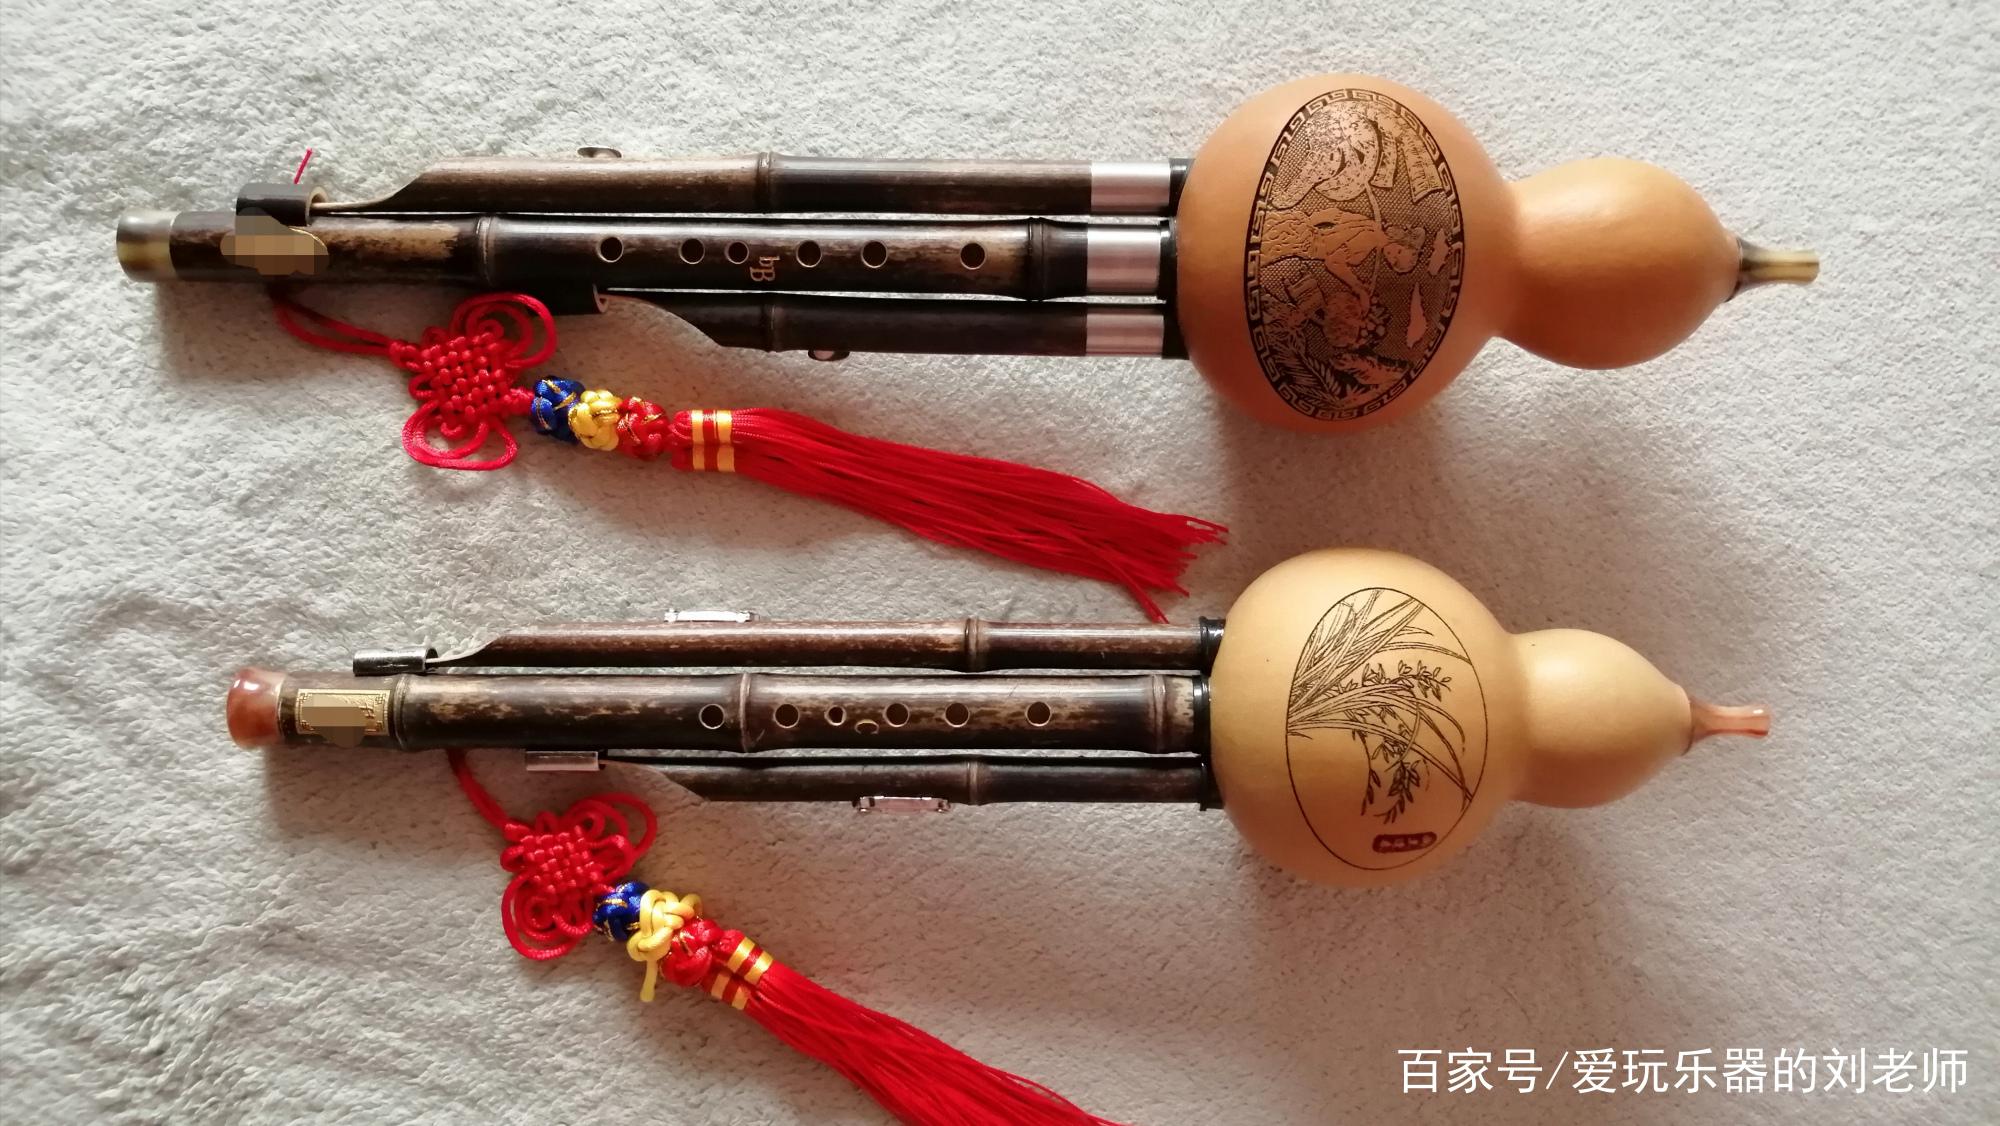 最简单易学的乐器:葫芦丝——适合老年人自学或儿童学习